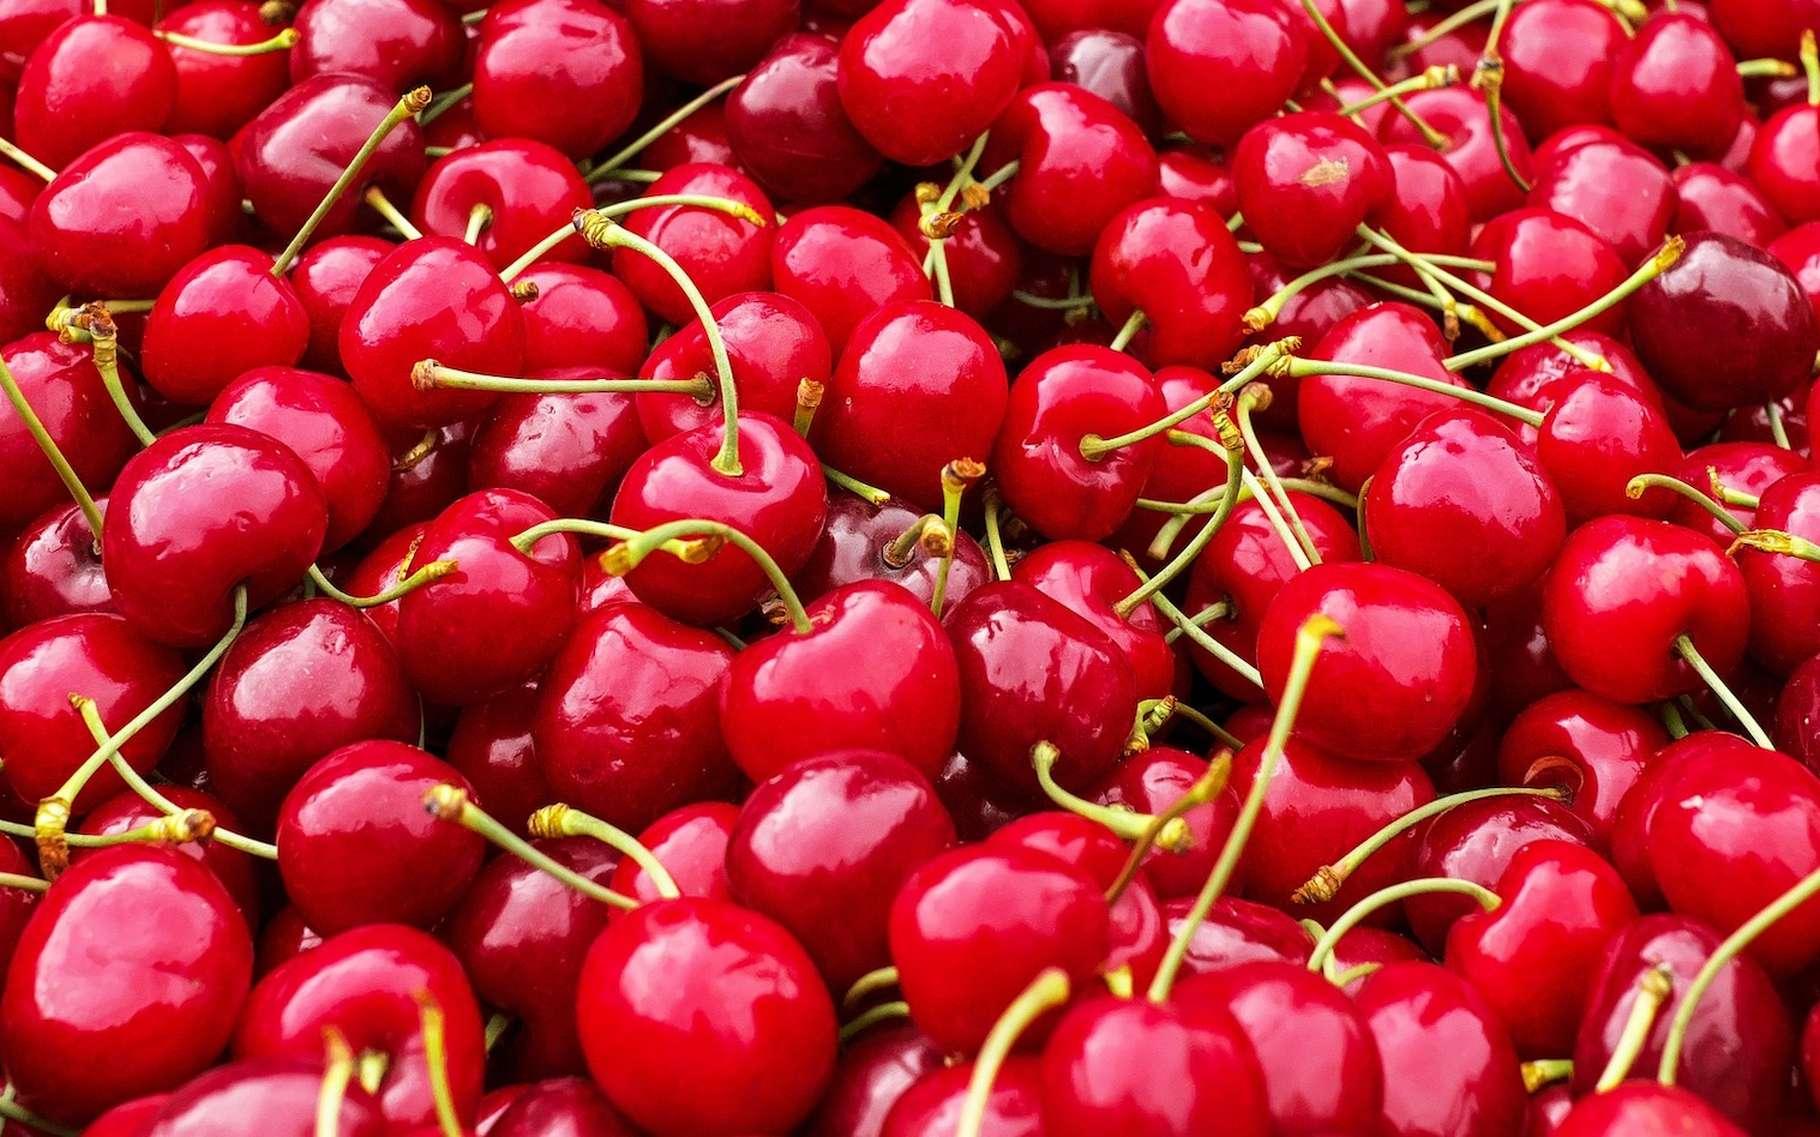 La cerise est le 16e fruit le plus consommé en France. Entre 2012 et 2017, 89 % des échantillons analysés en moyenne contenaient des traces de pesticides et 5,2 % dépassaient même la limite maximale en résidus autorisée par l'Europe. © Couleur, Pixabay License